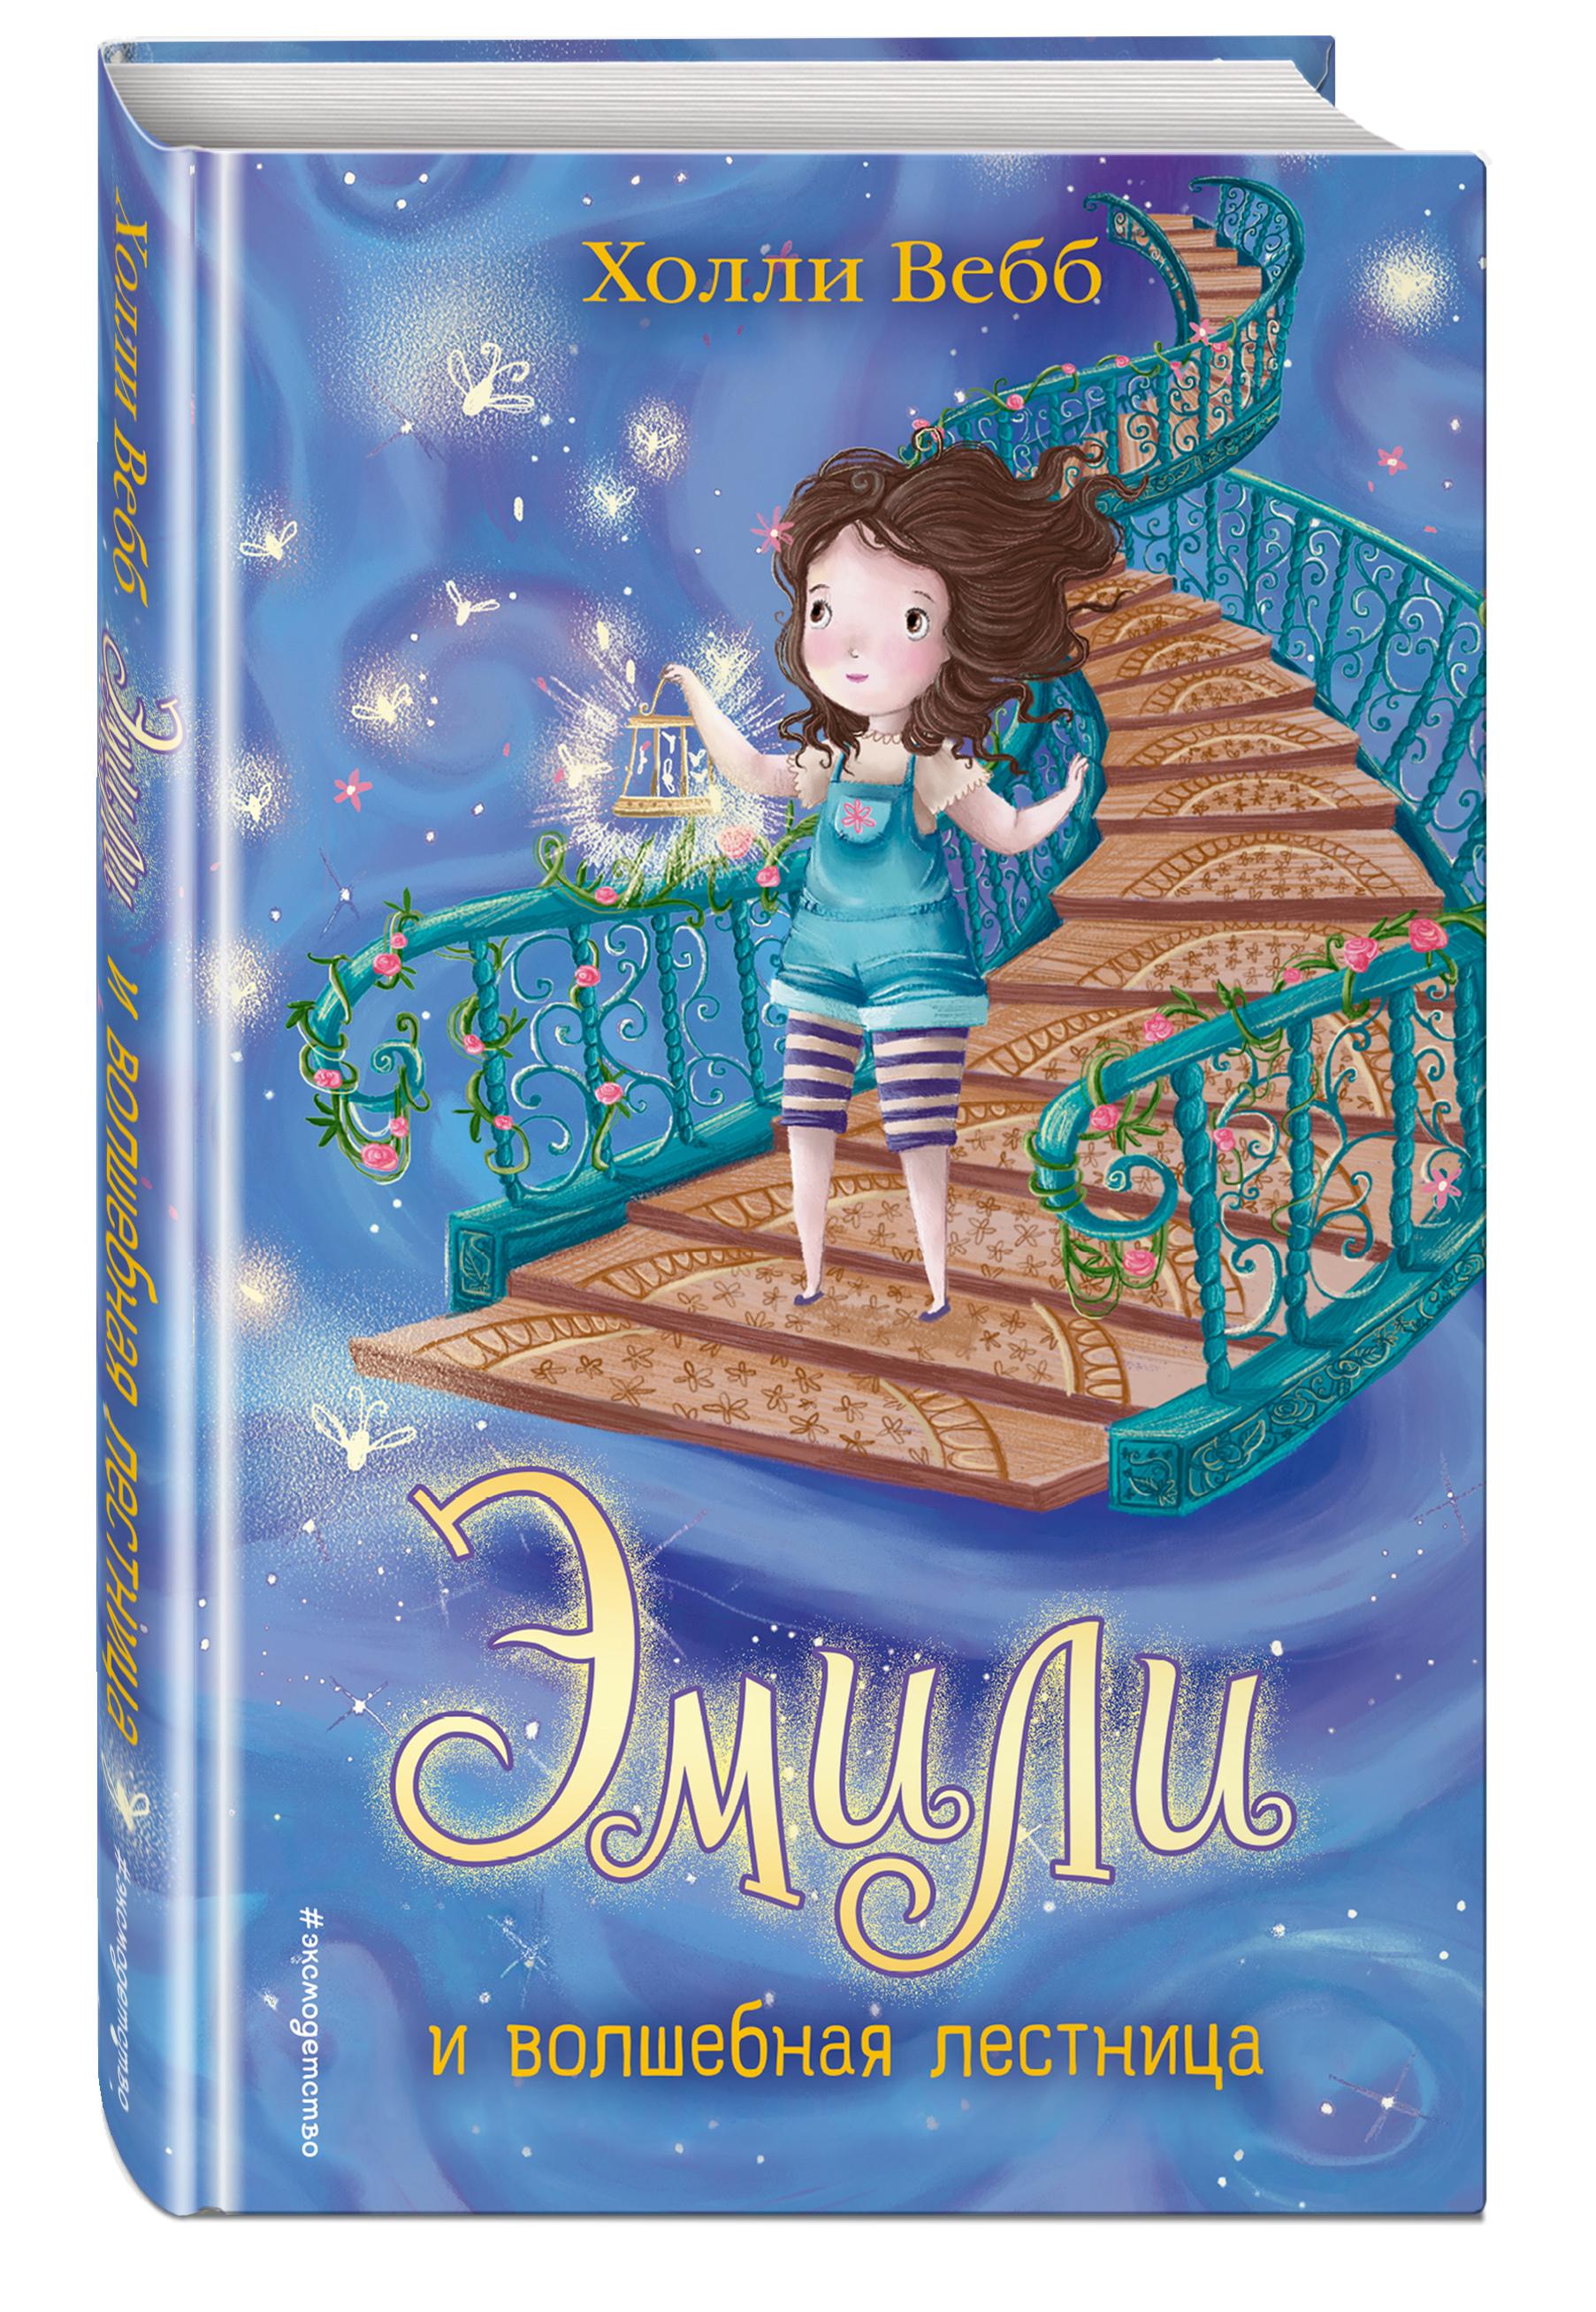 купить Холли Вебб Эмили и волшебная лестница по цене 212 рублей